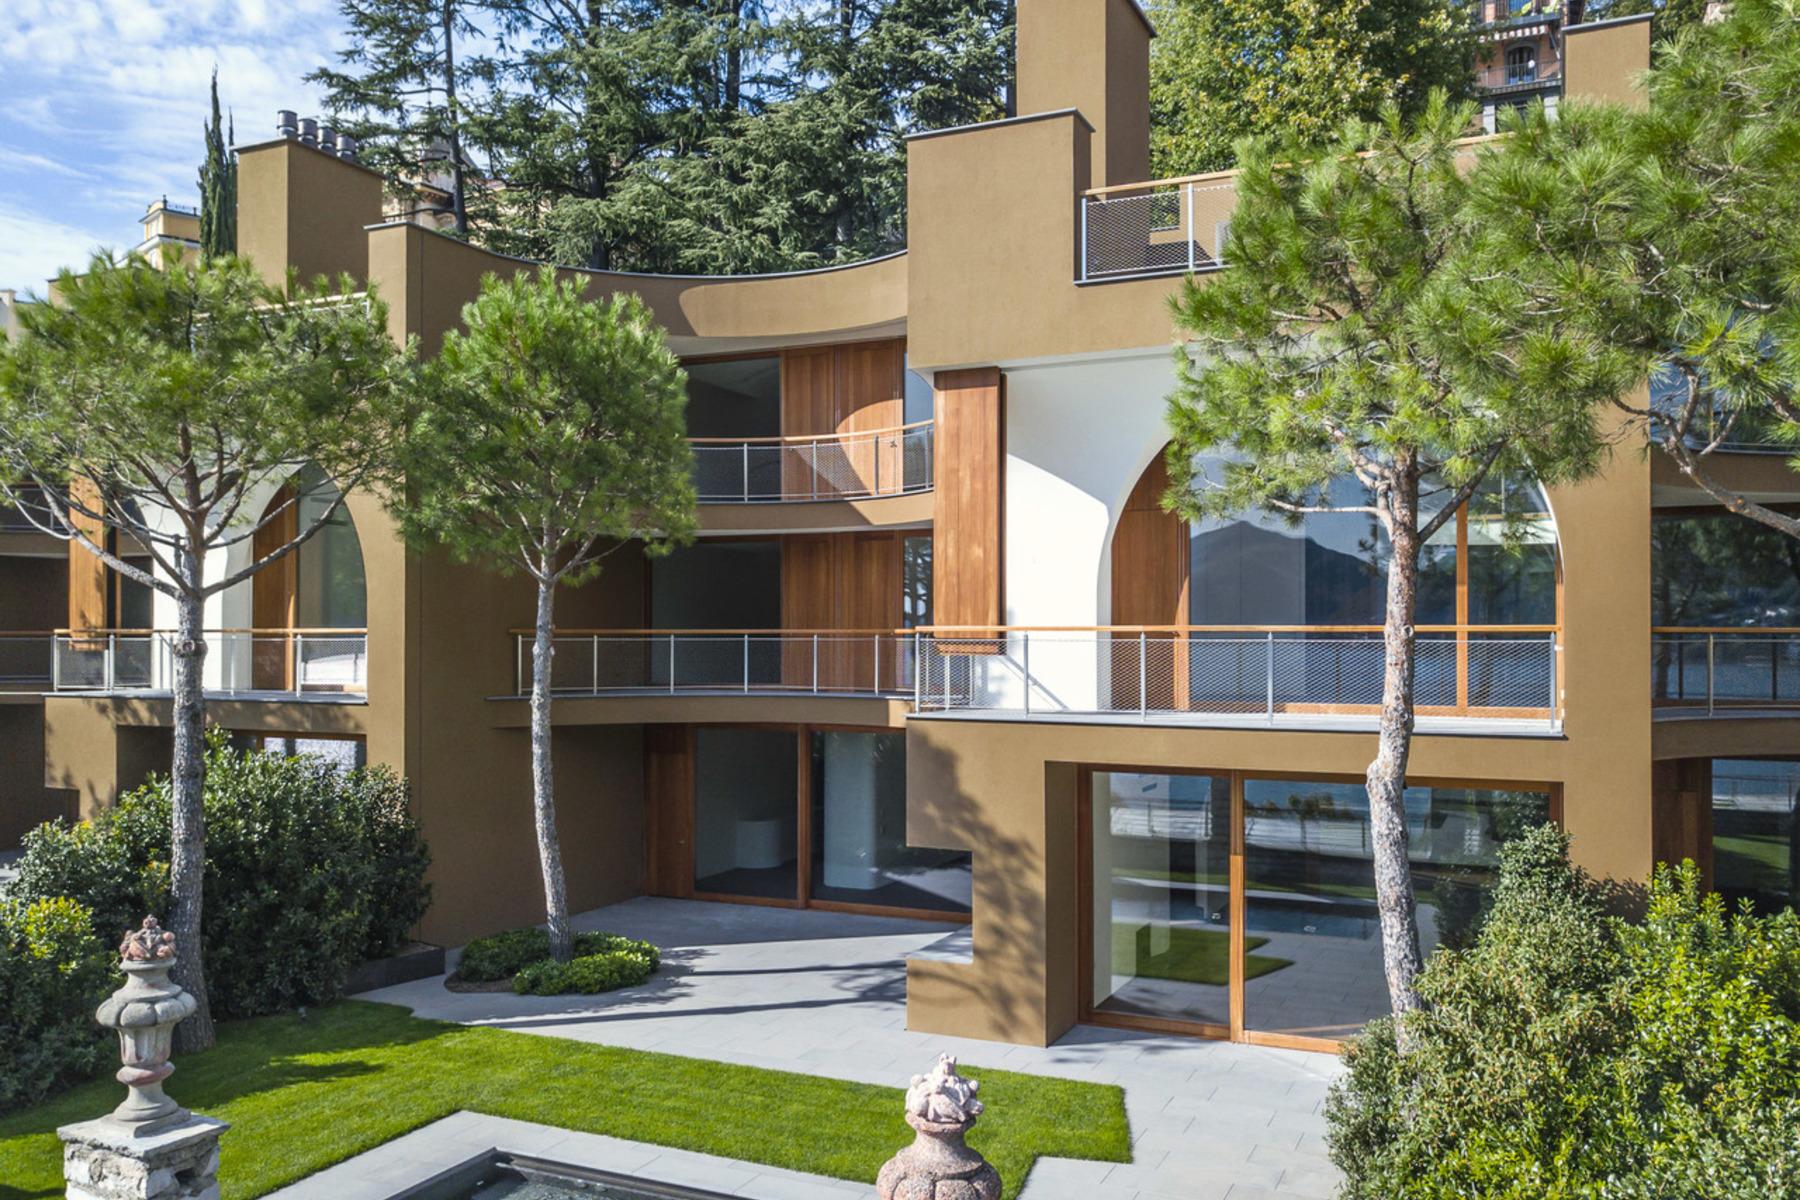 Single Family Homes for Sale at Archi di luce - by Herzog & de Meuron: villa 6 Lugano, Ticino 6900 Switzerland